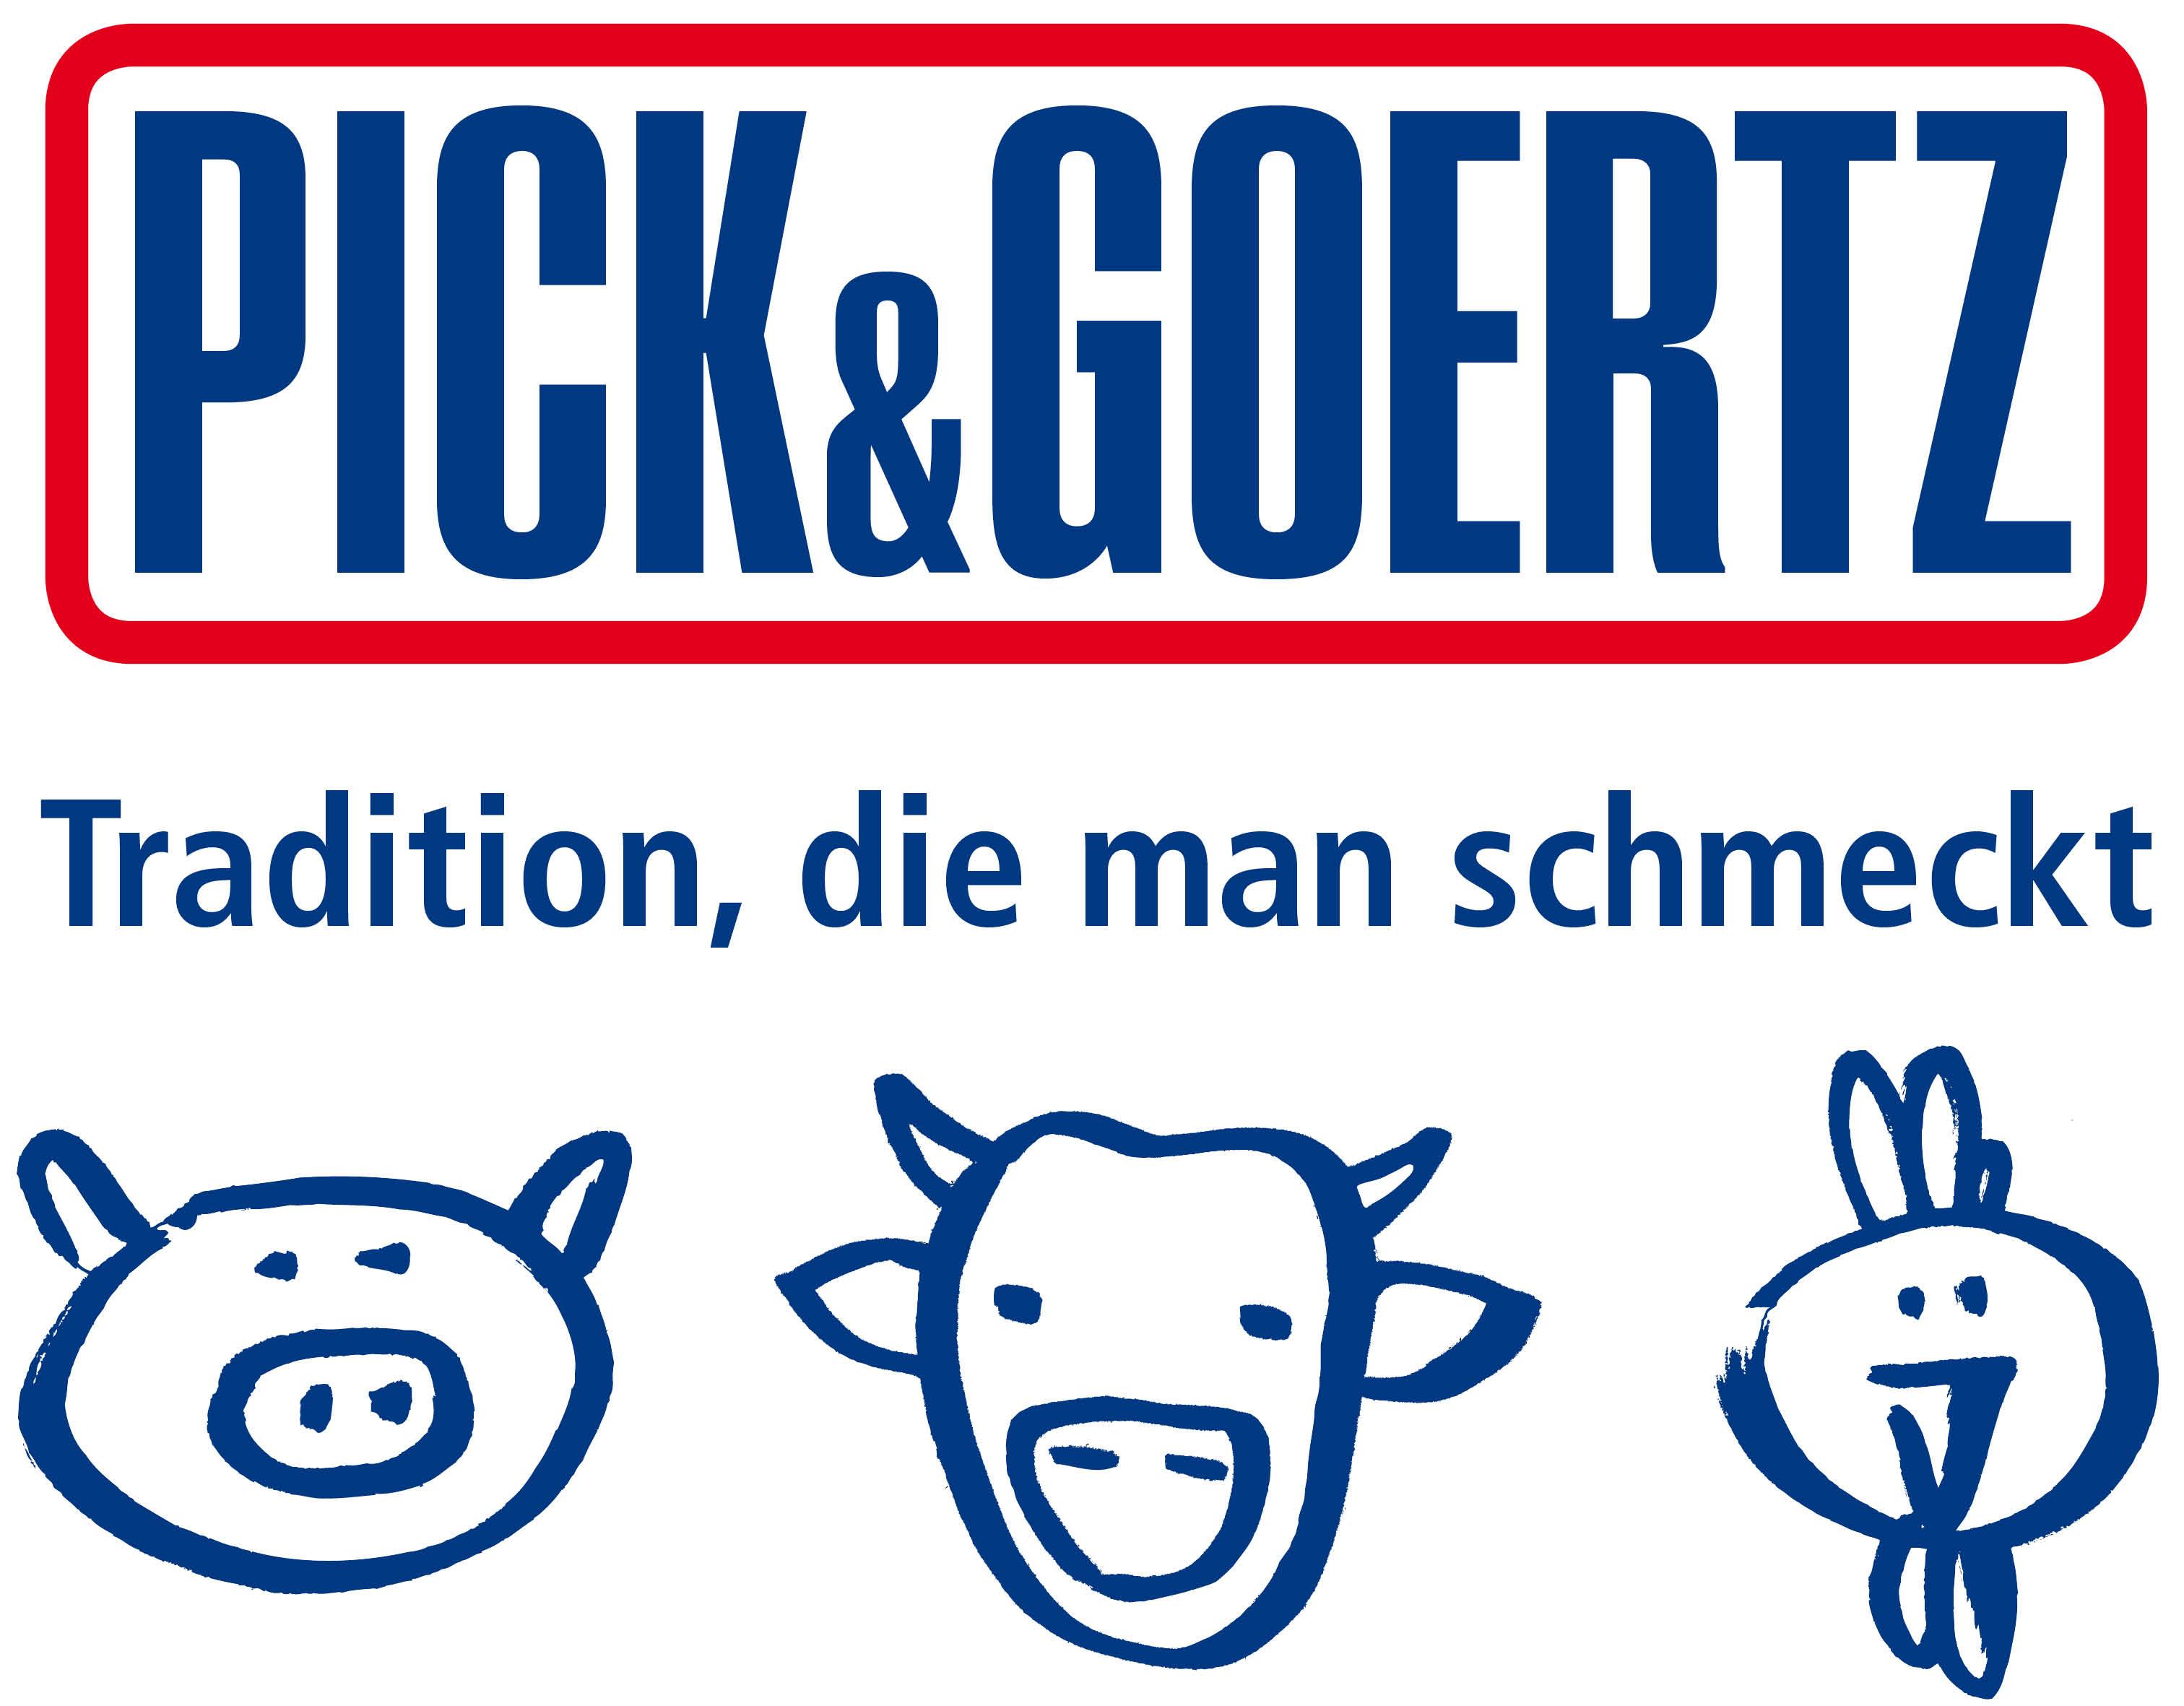 Logo Pick & Hübner GmbH